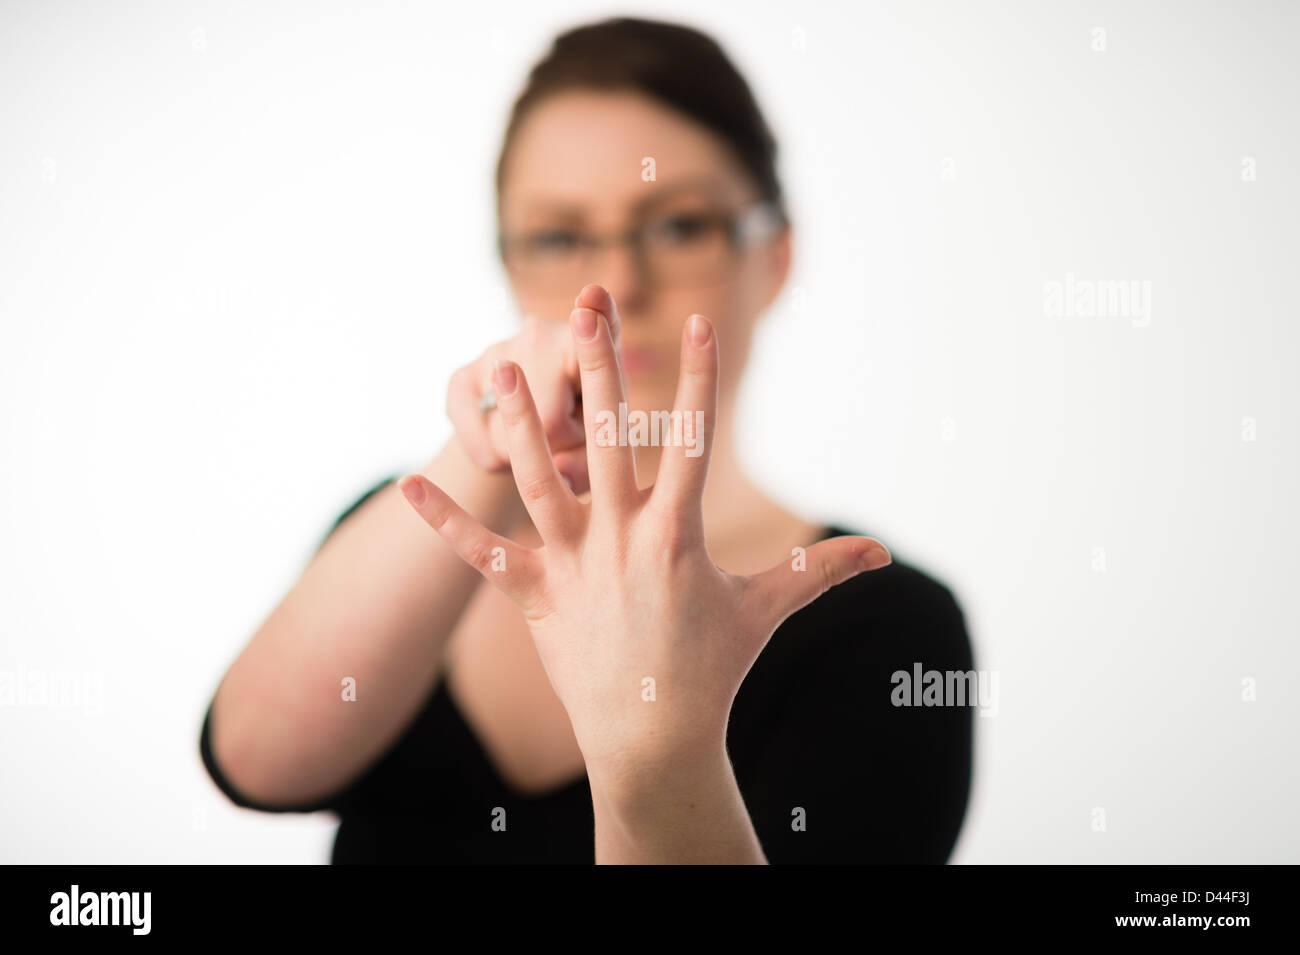 Une jeune femme, les cheveux bruns, compter jusqu'à cinq 5 sur les doigts de sa main, UK Photo Stock